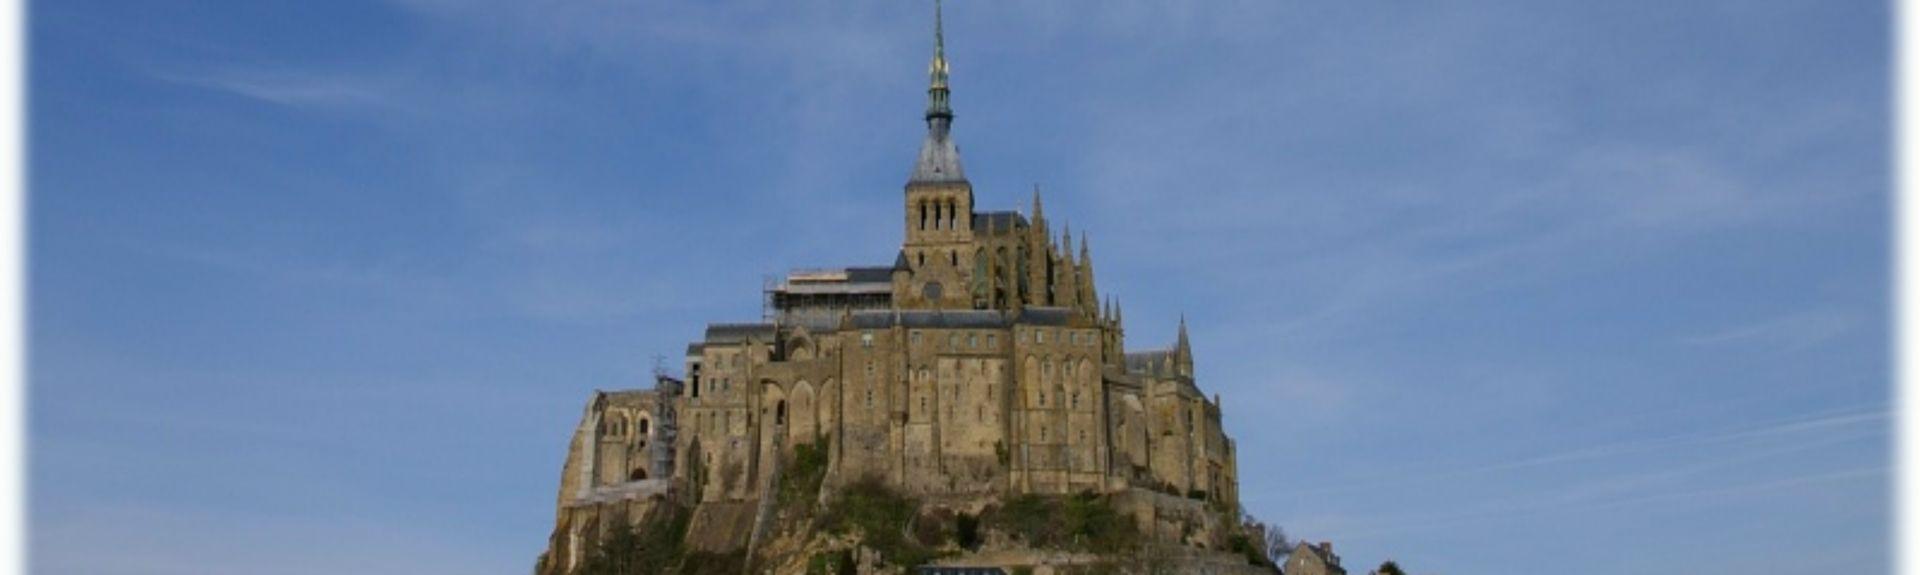 Saint-Georges-de-Reintembault, Bretagne, Frankreich